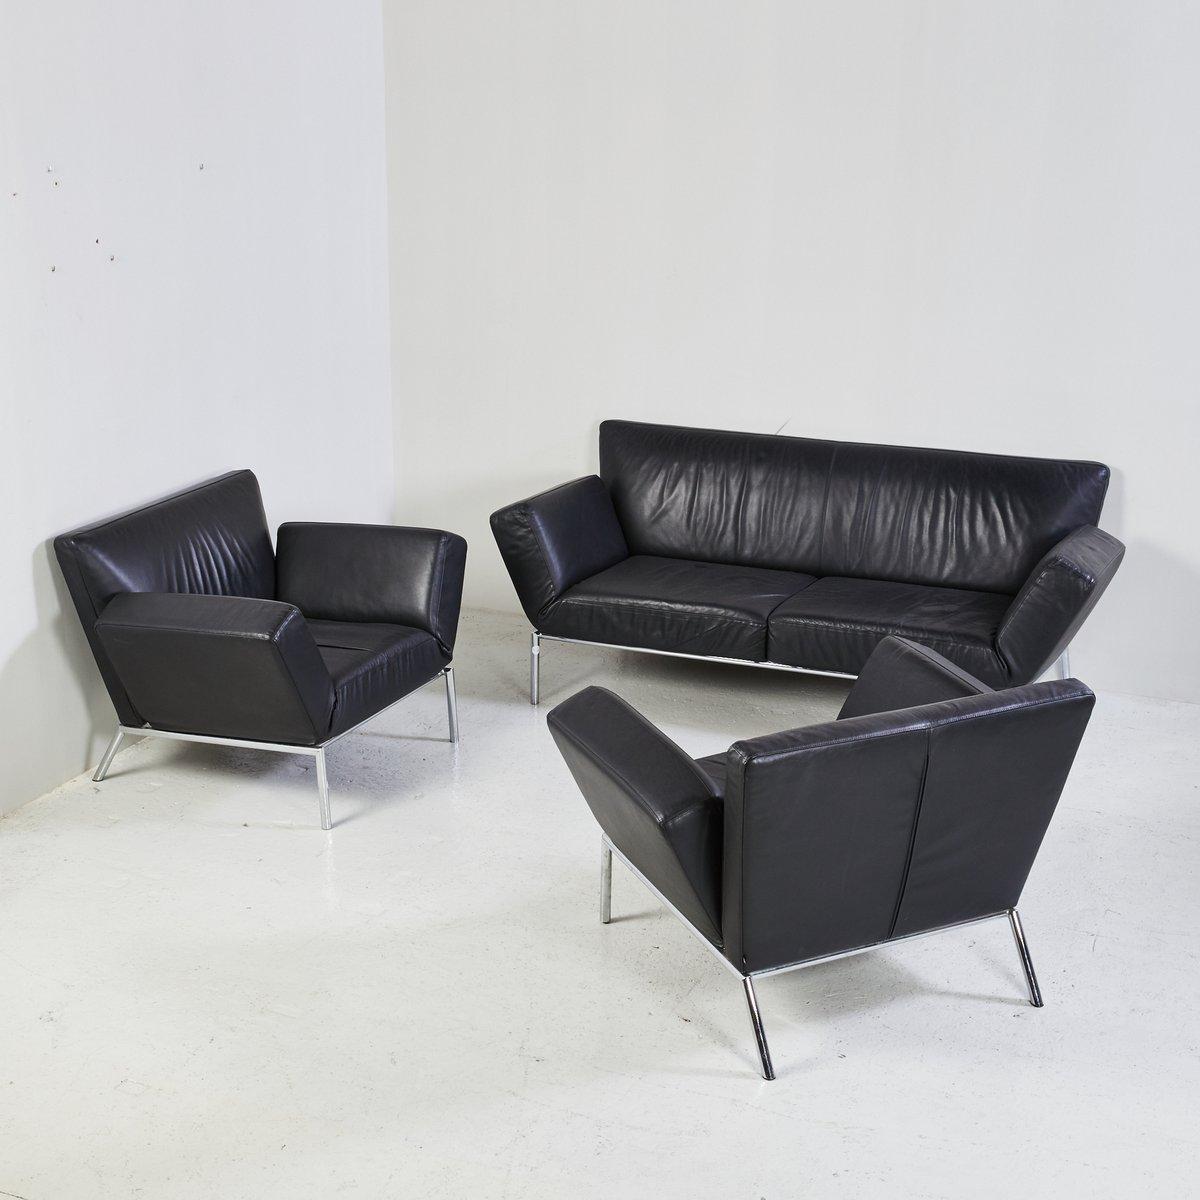 schwarzes leder sofa set von cor bei pamono kaufen. Black Bedroom Furniture Sets. Home Design Ideas